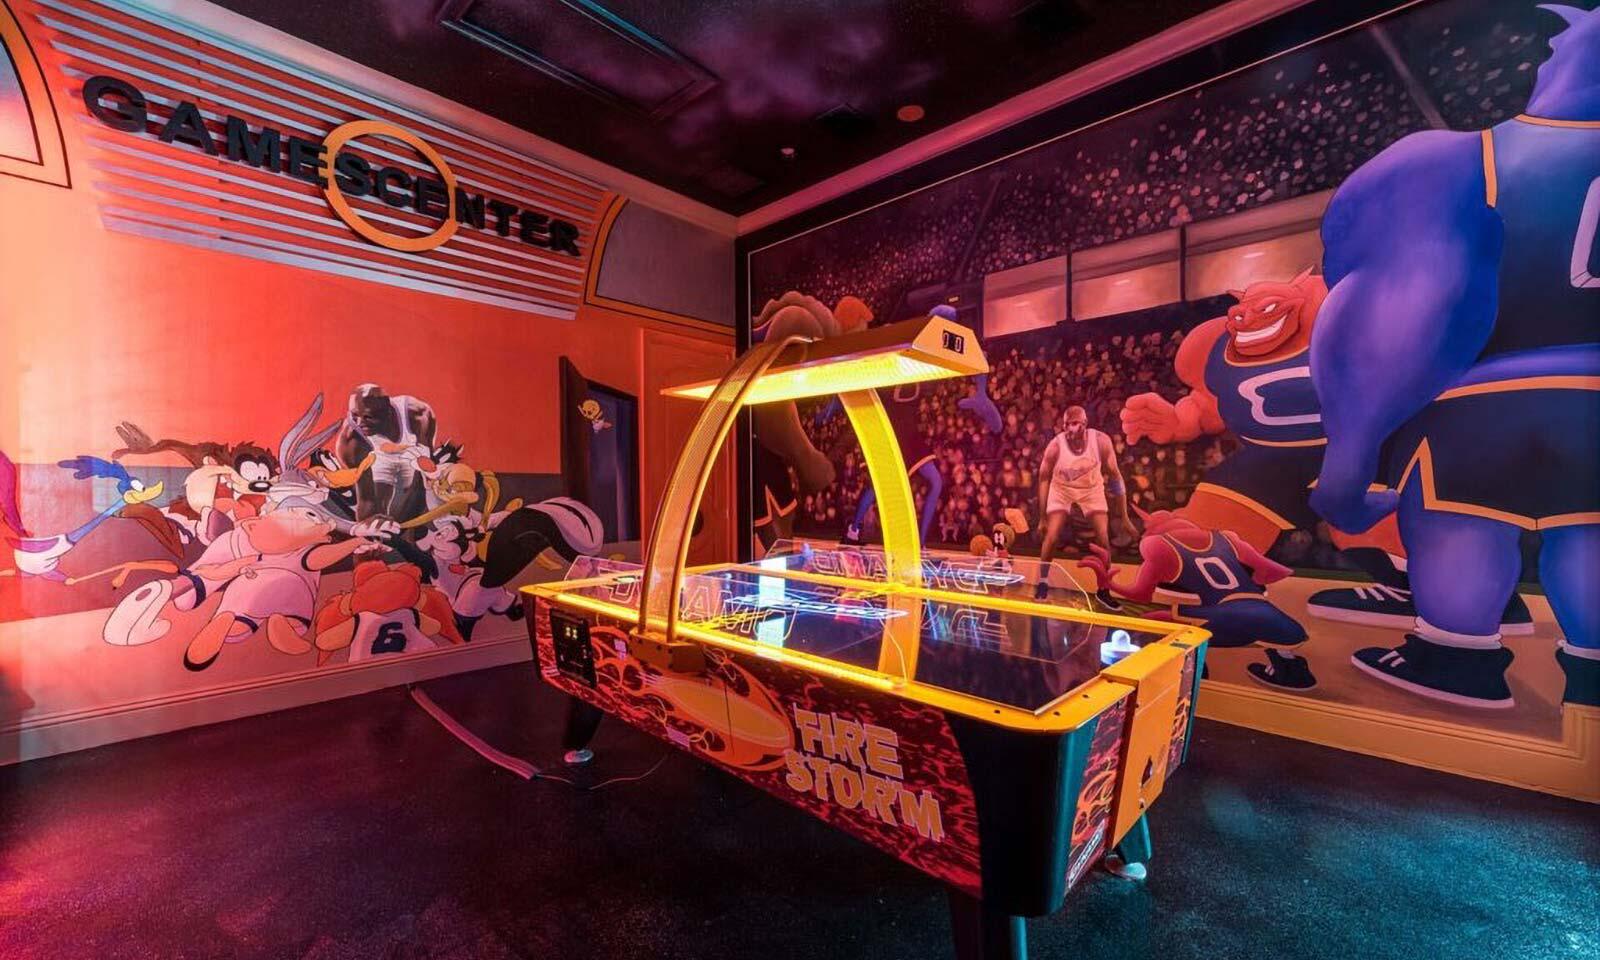 [amenities:Air-Hockey-Table:3] Air Hockey Table